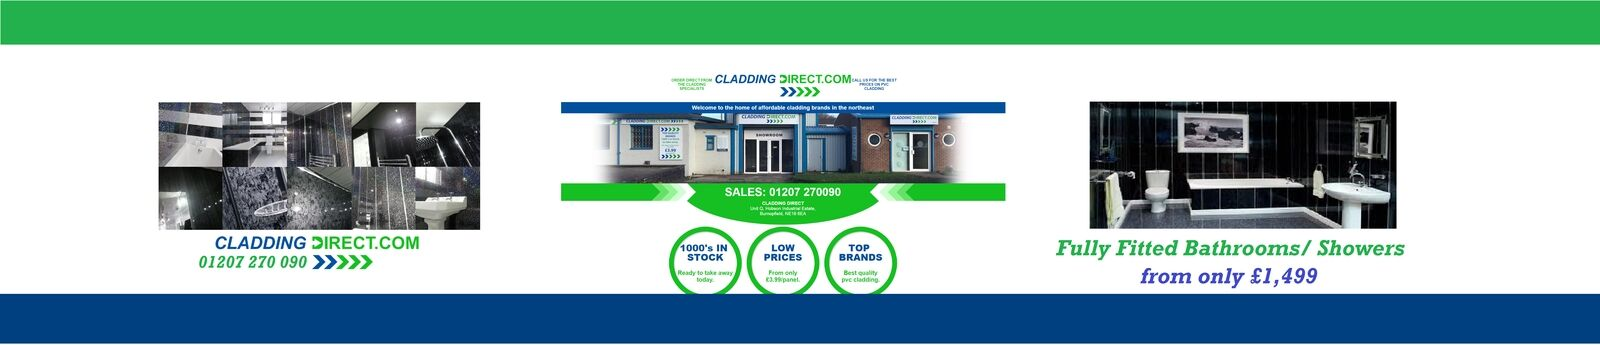 CLADDING DIRECT.COM